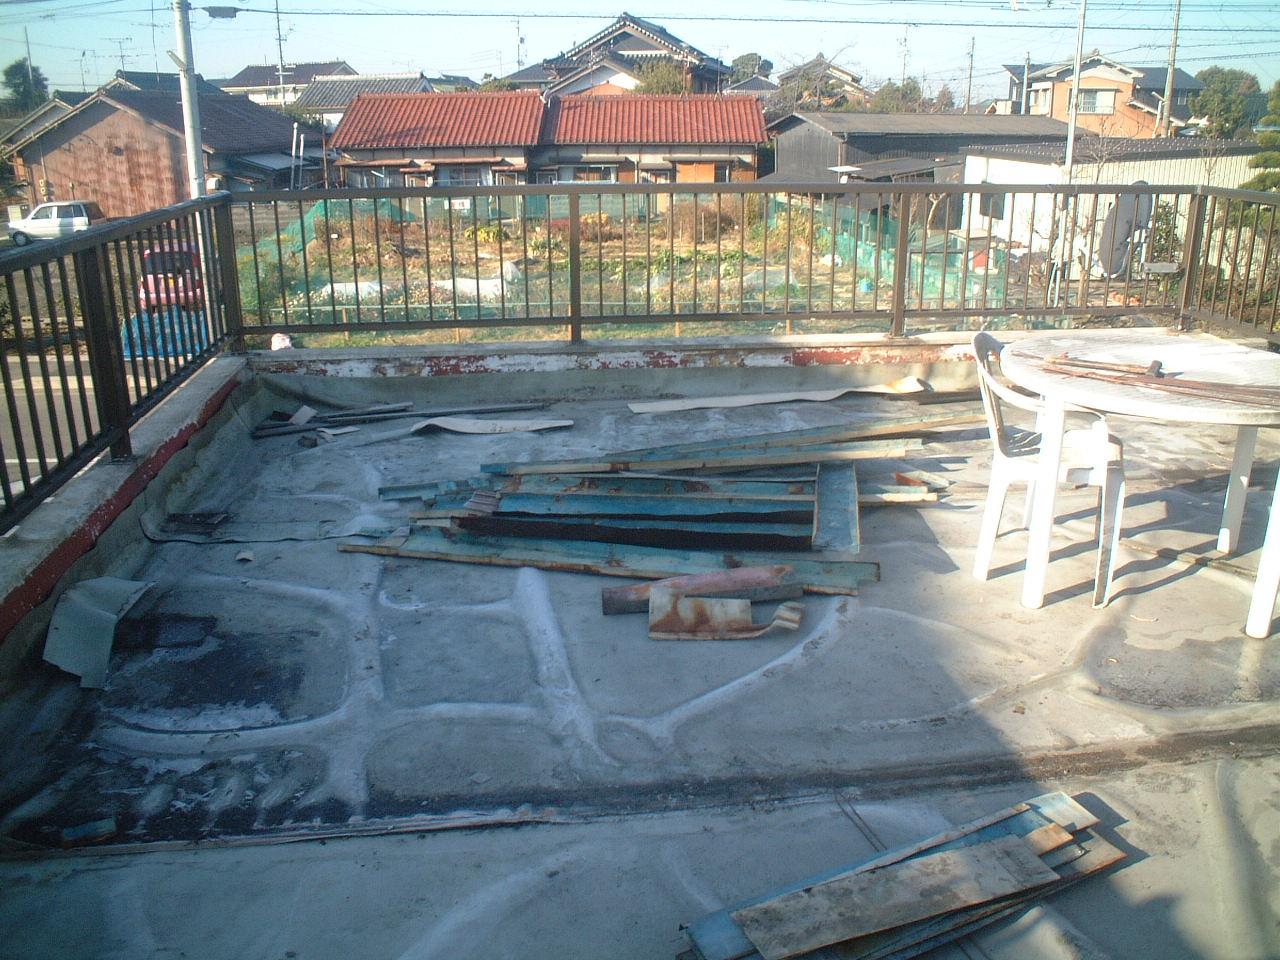 車庫屋根がルーフバルコニーとなっている防水改修工事です。既設の塩ビシートがめくれて、防水になっていません。